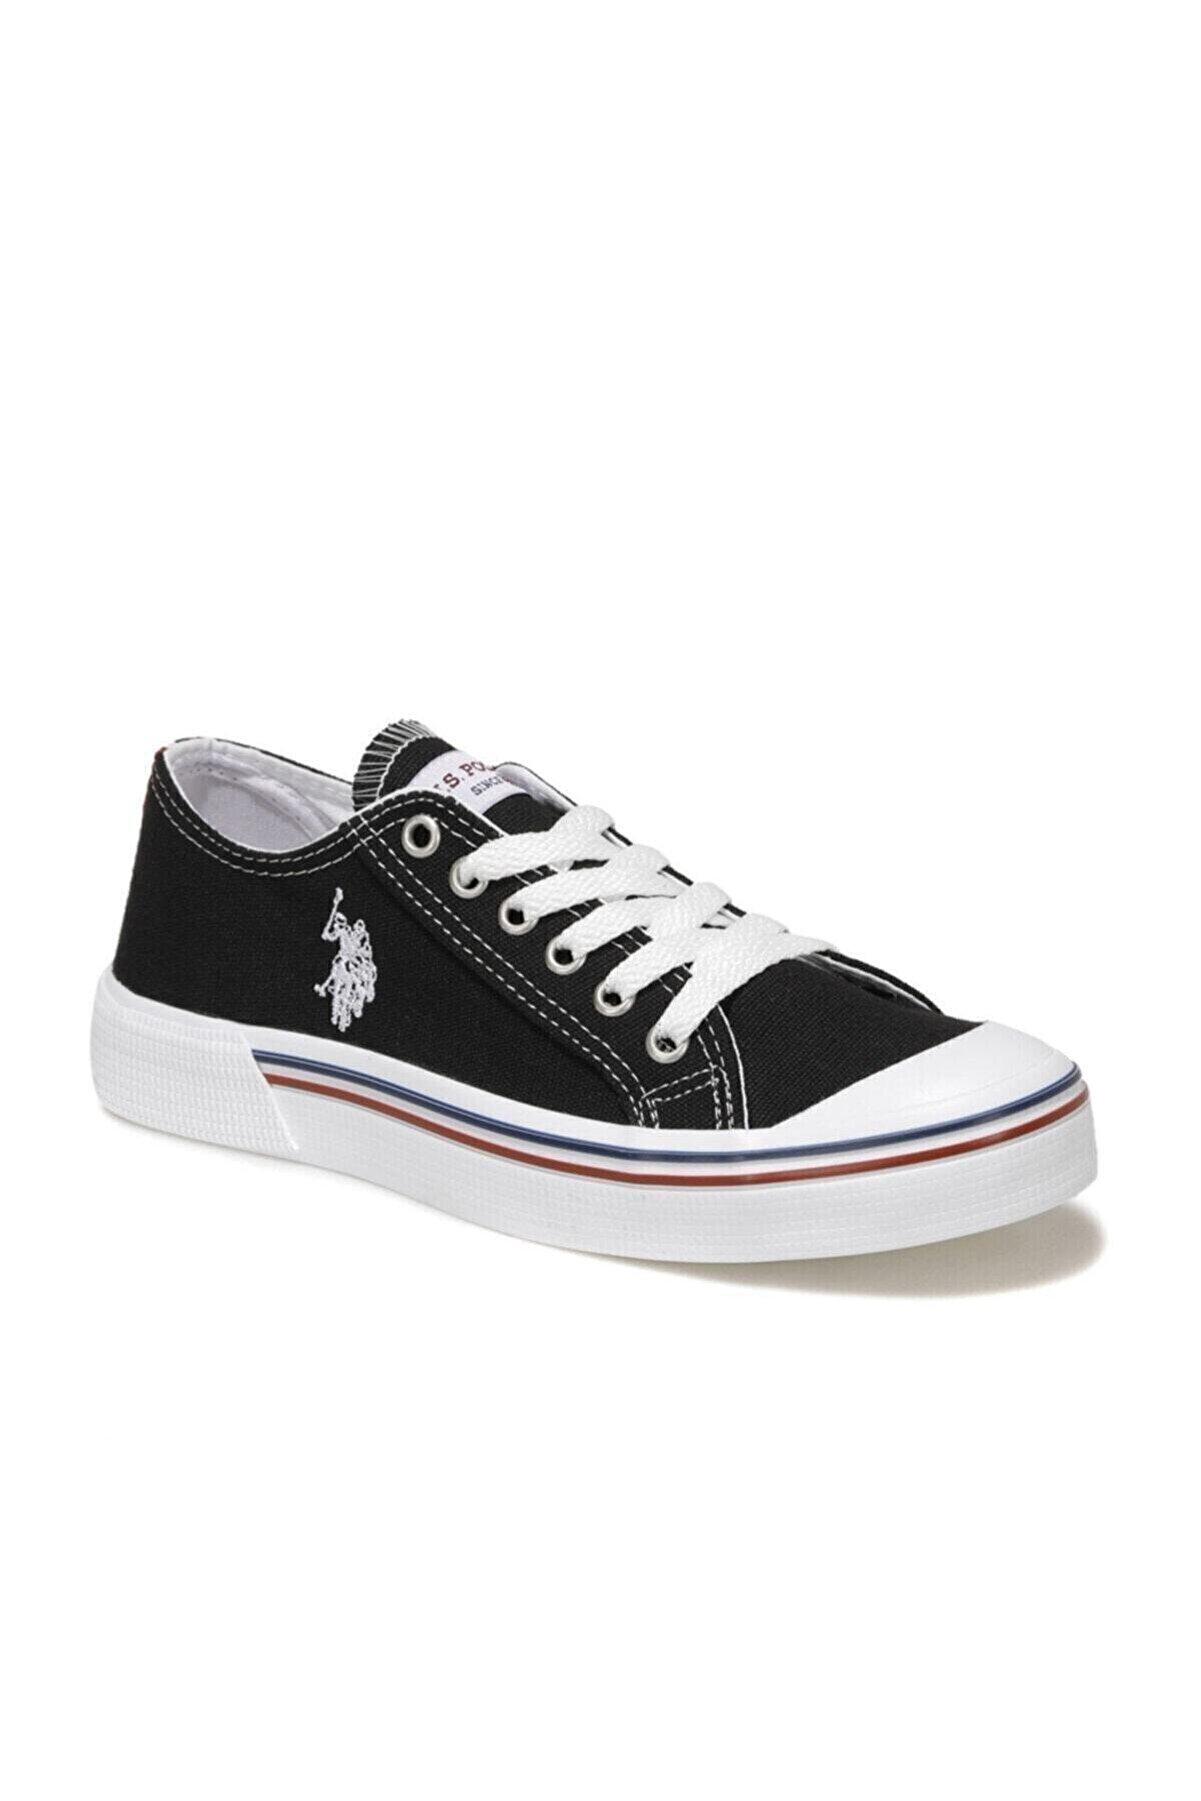 US Polo Assn Kadın Siyah Penelope 1fx Havuz Taban Sneaker 101013407